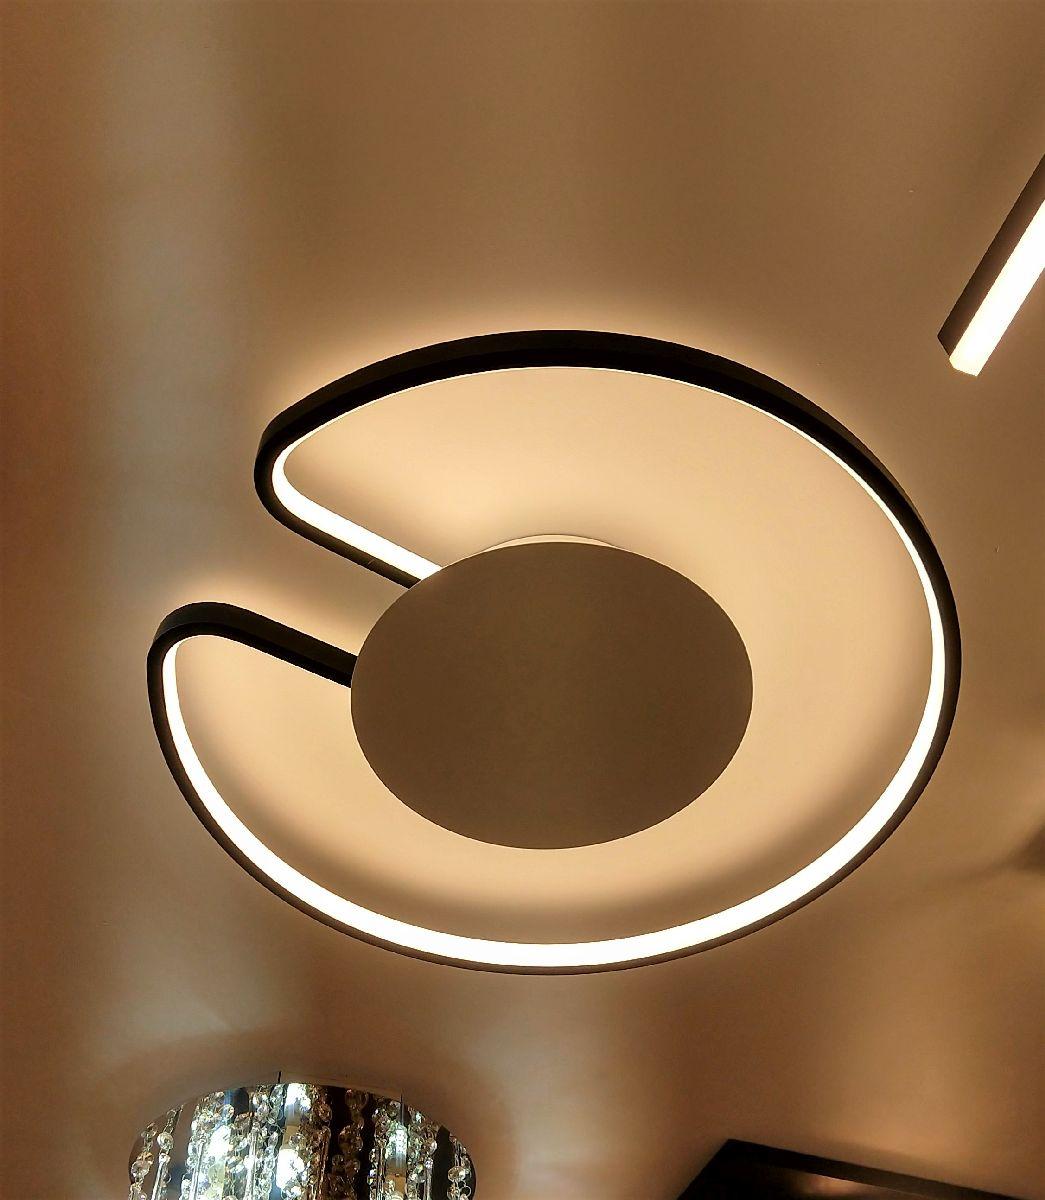 Luminária Plafon De Led Redondo 50cm Para Sala Quarto Corredor Hall Área Gourmet